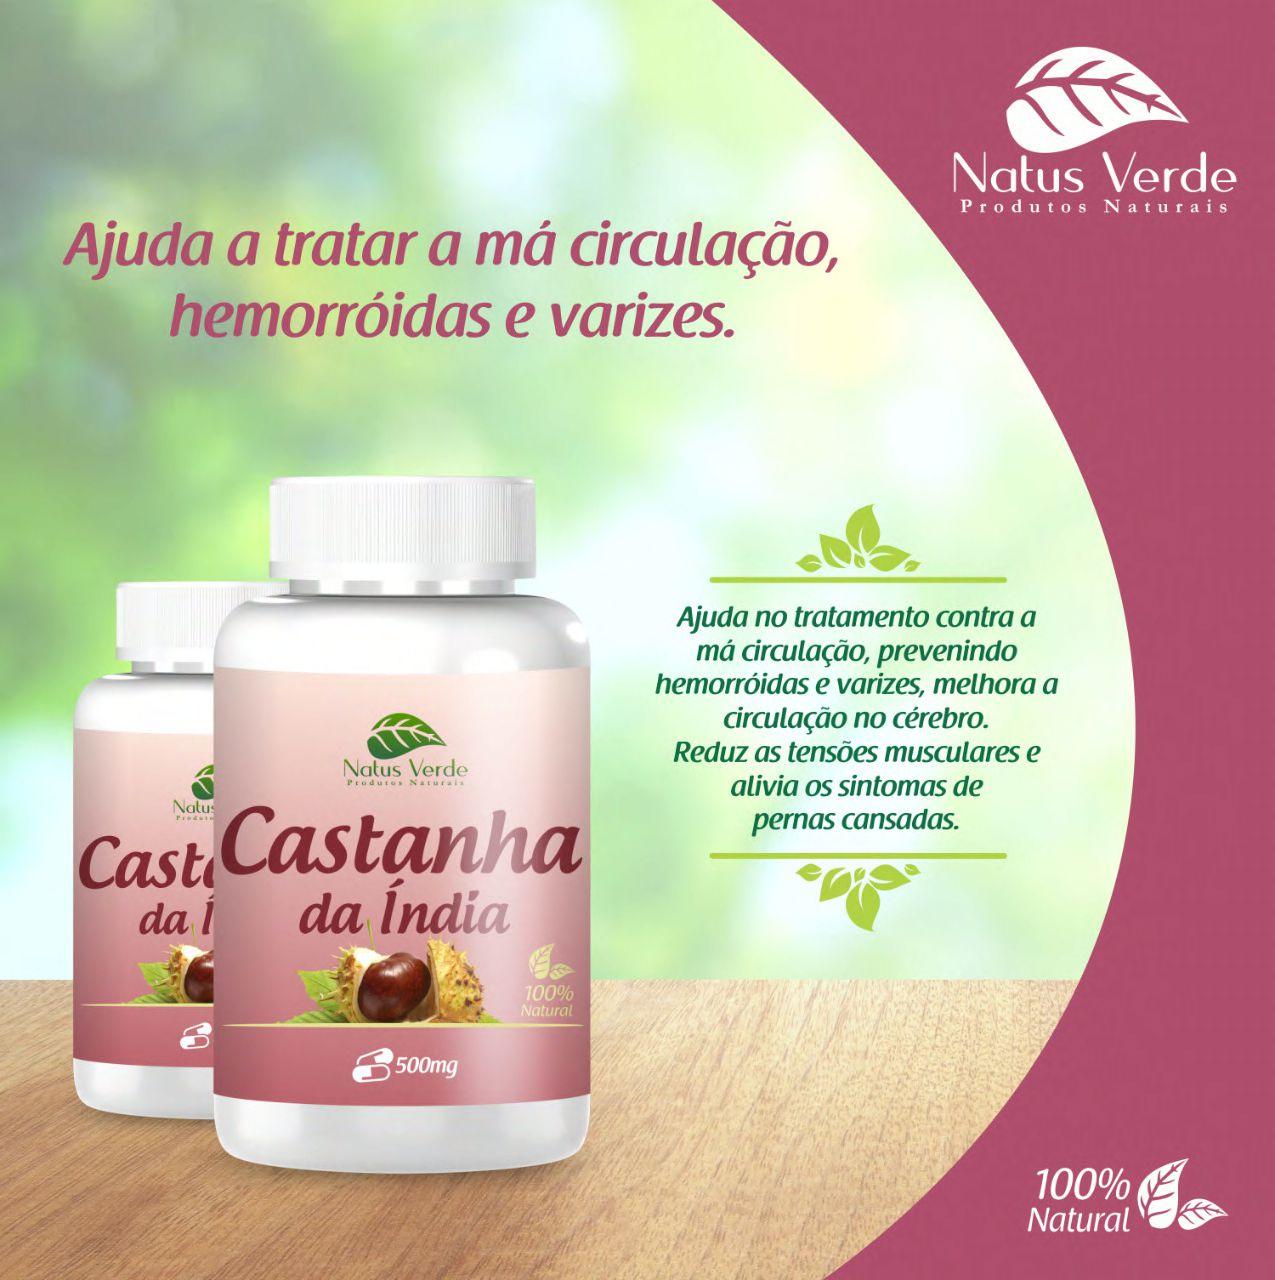 Composto natural Castanha da índia 60 caps Natus Verde   - Fribasex - Fabricasex.com